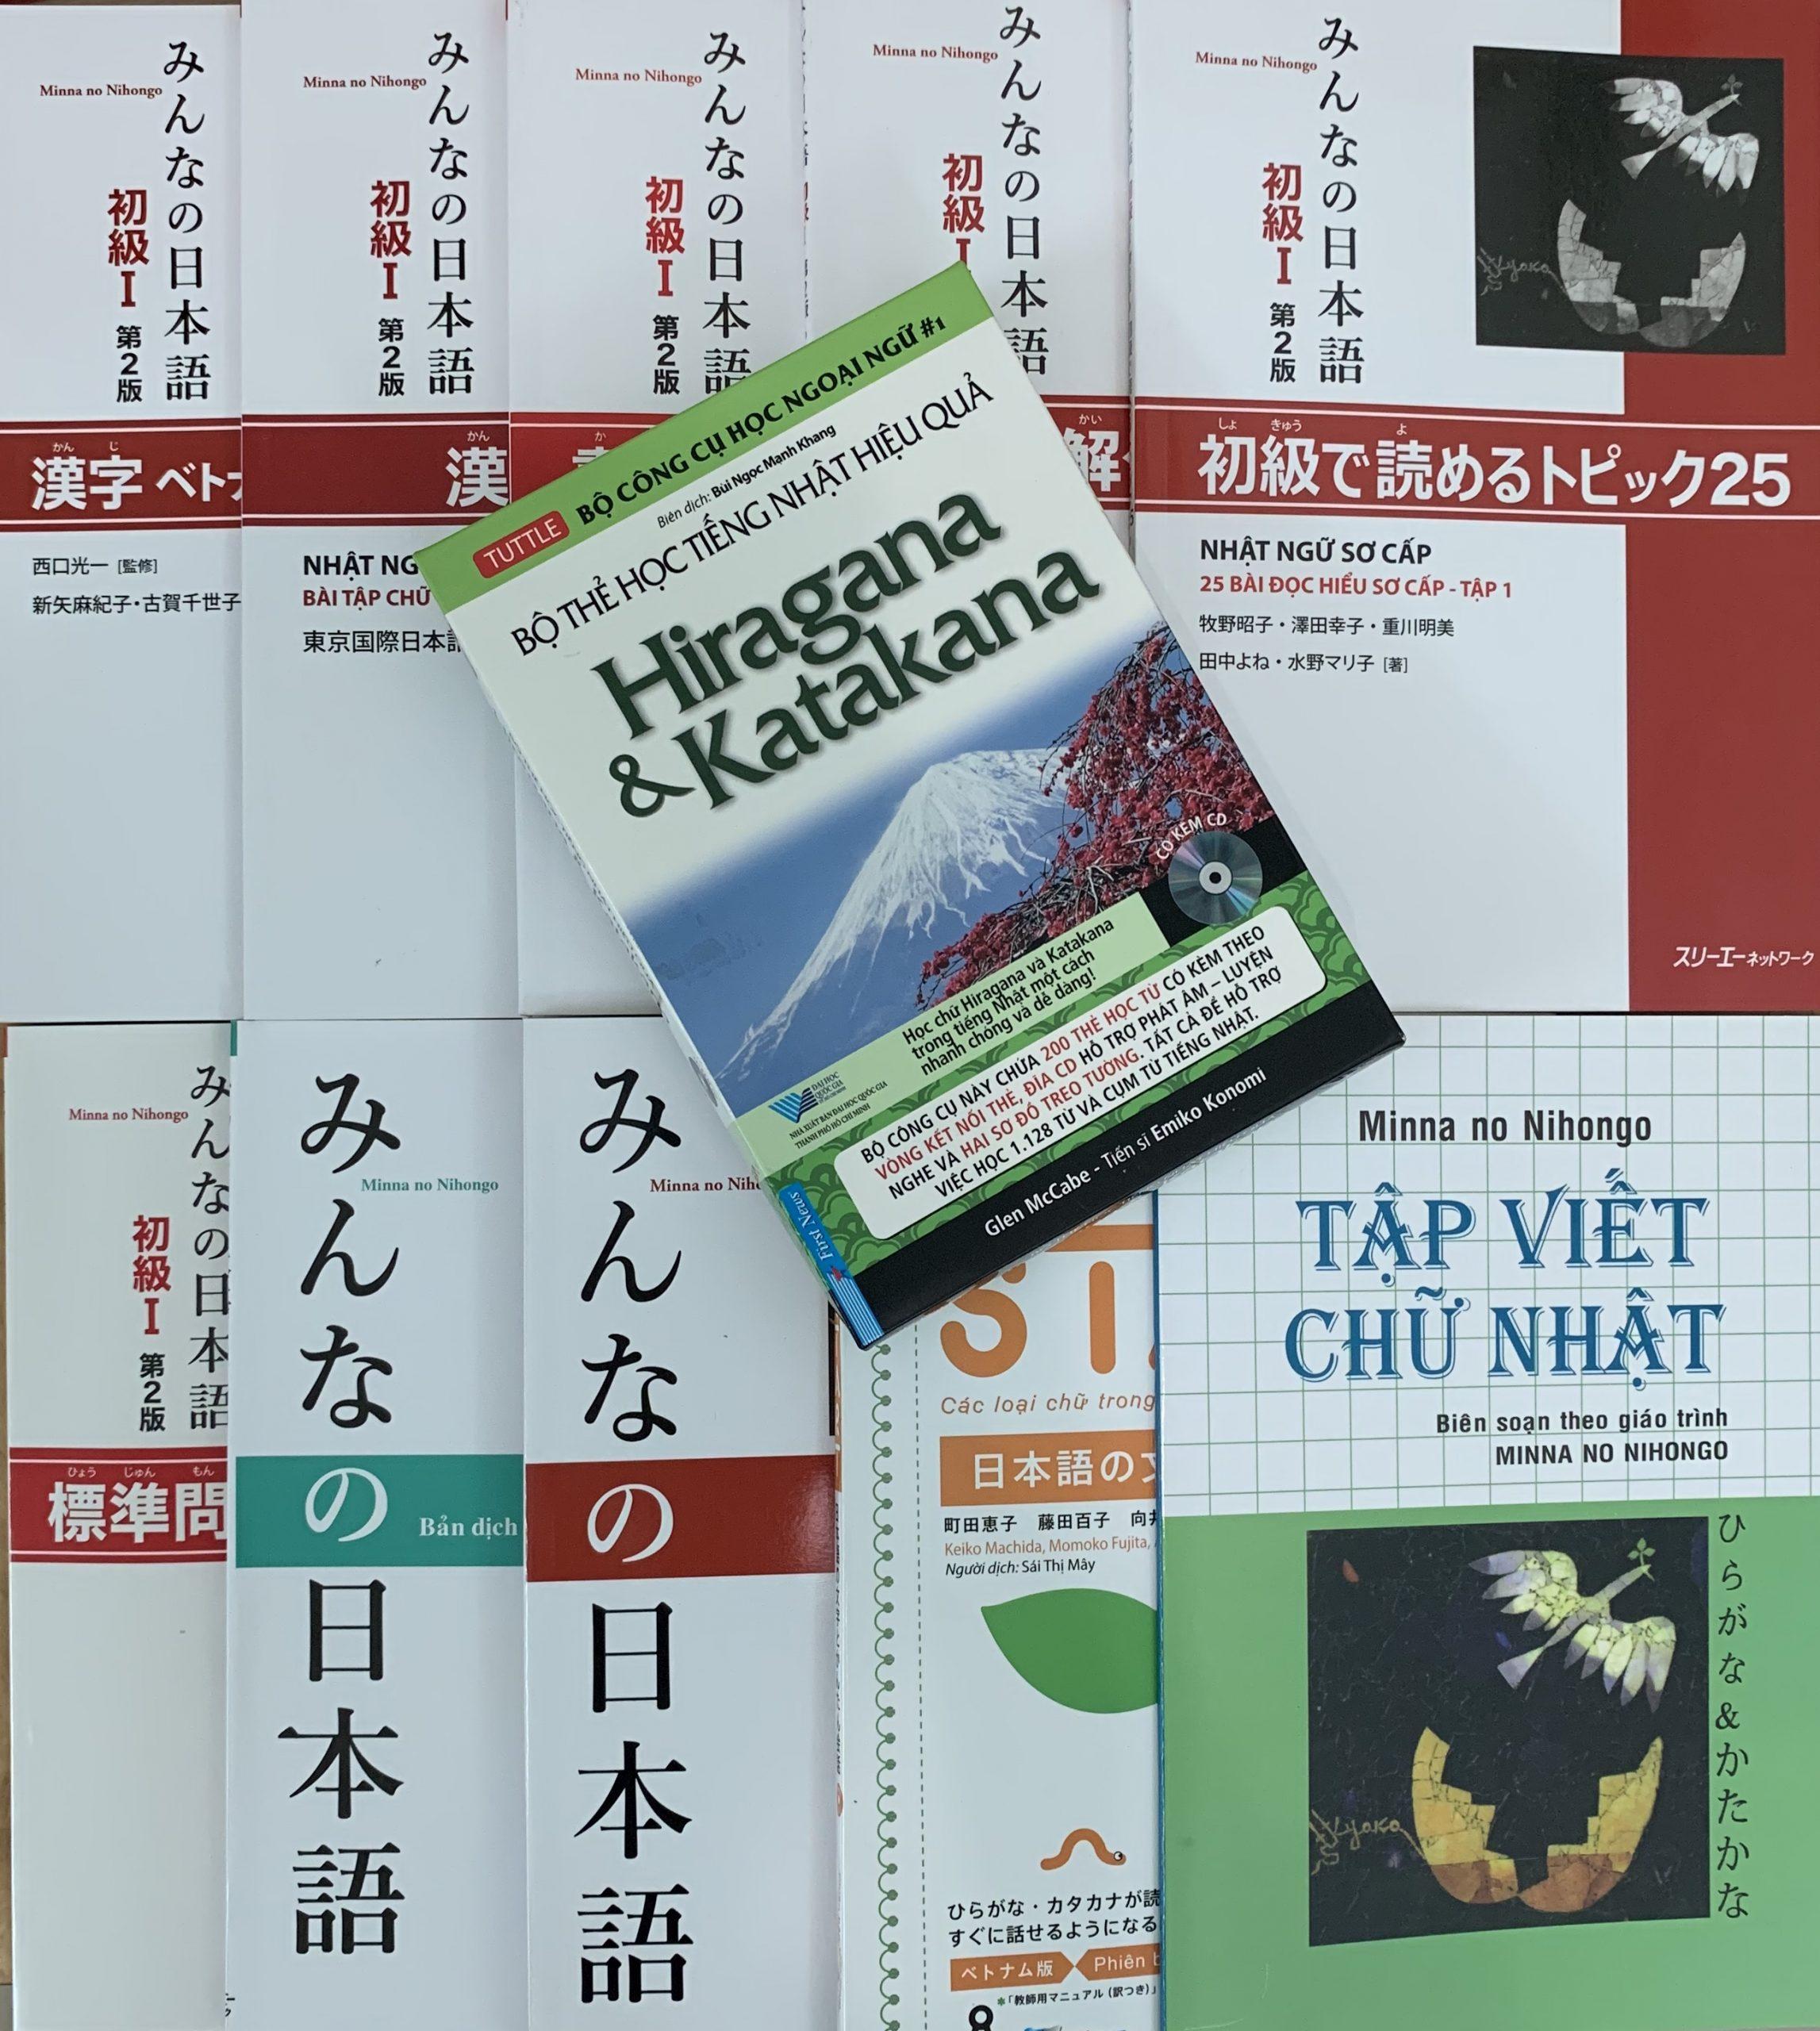 Bộ Sách Học Tiếng Nhật Cho Người Mới Bắt Đầu – Học Chuyên Sâu – 11 Cuốn